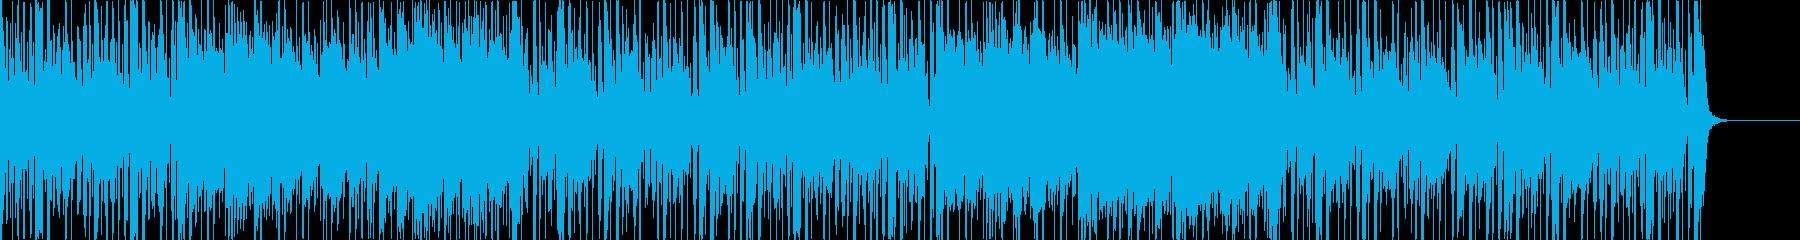 キューバ、カリブ系のまったりBGMの再生済みの波形